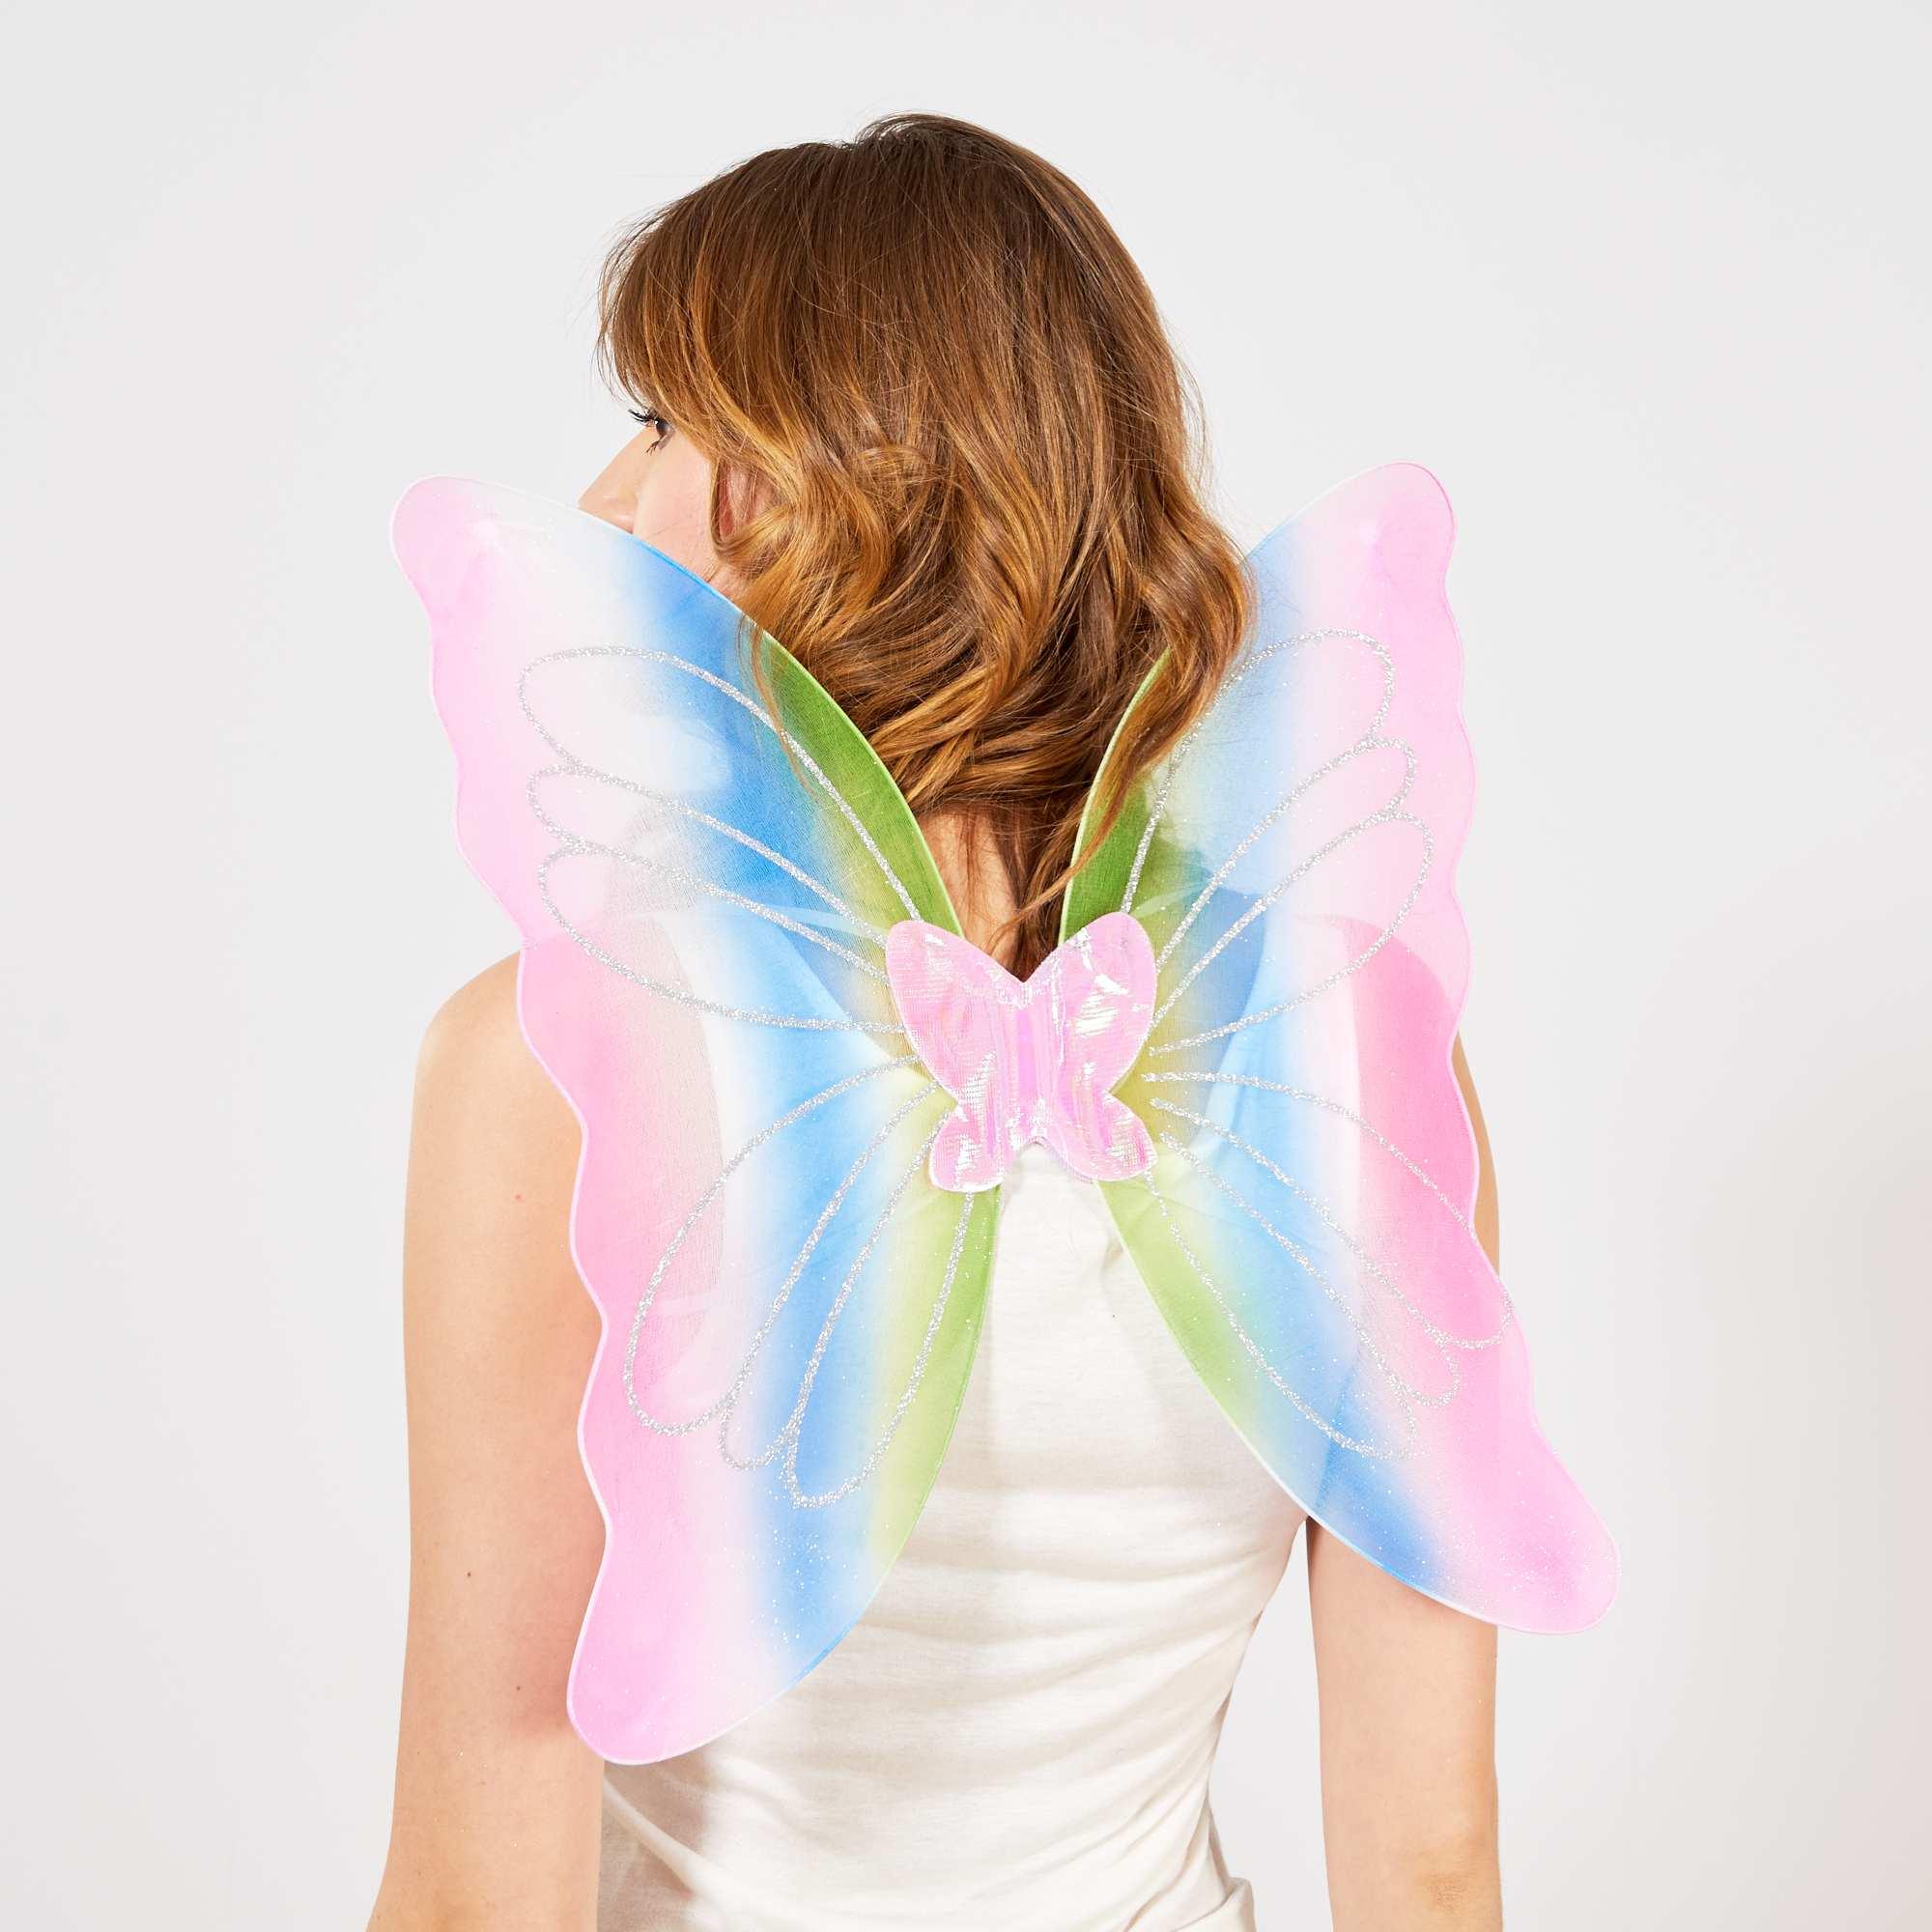 Comprar Alas de Mariposa para Disfraces de Carnaval